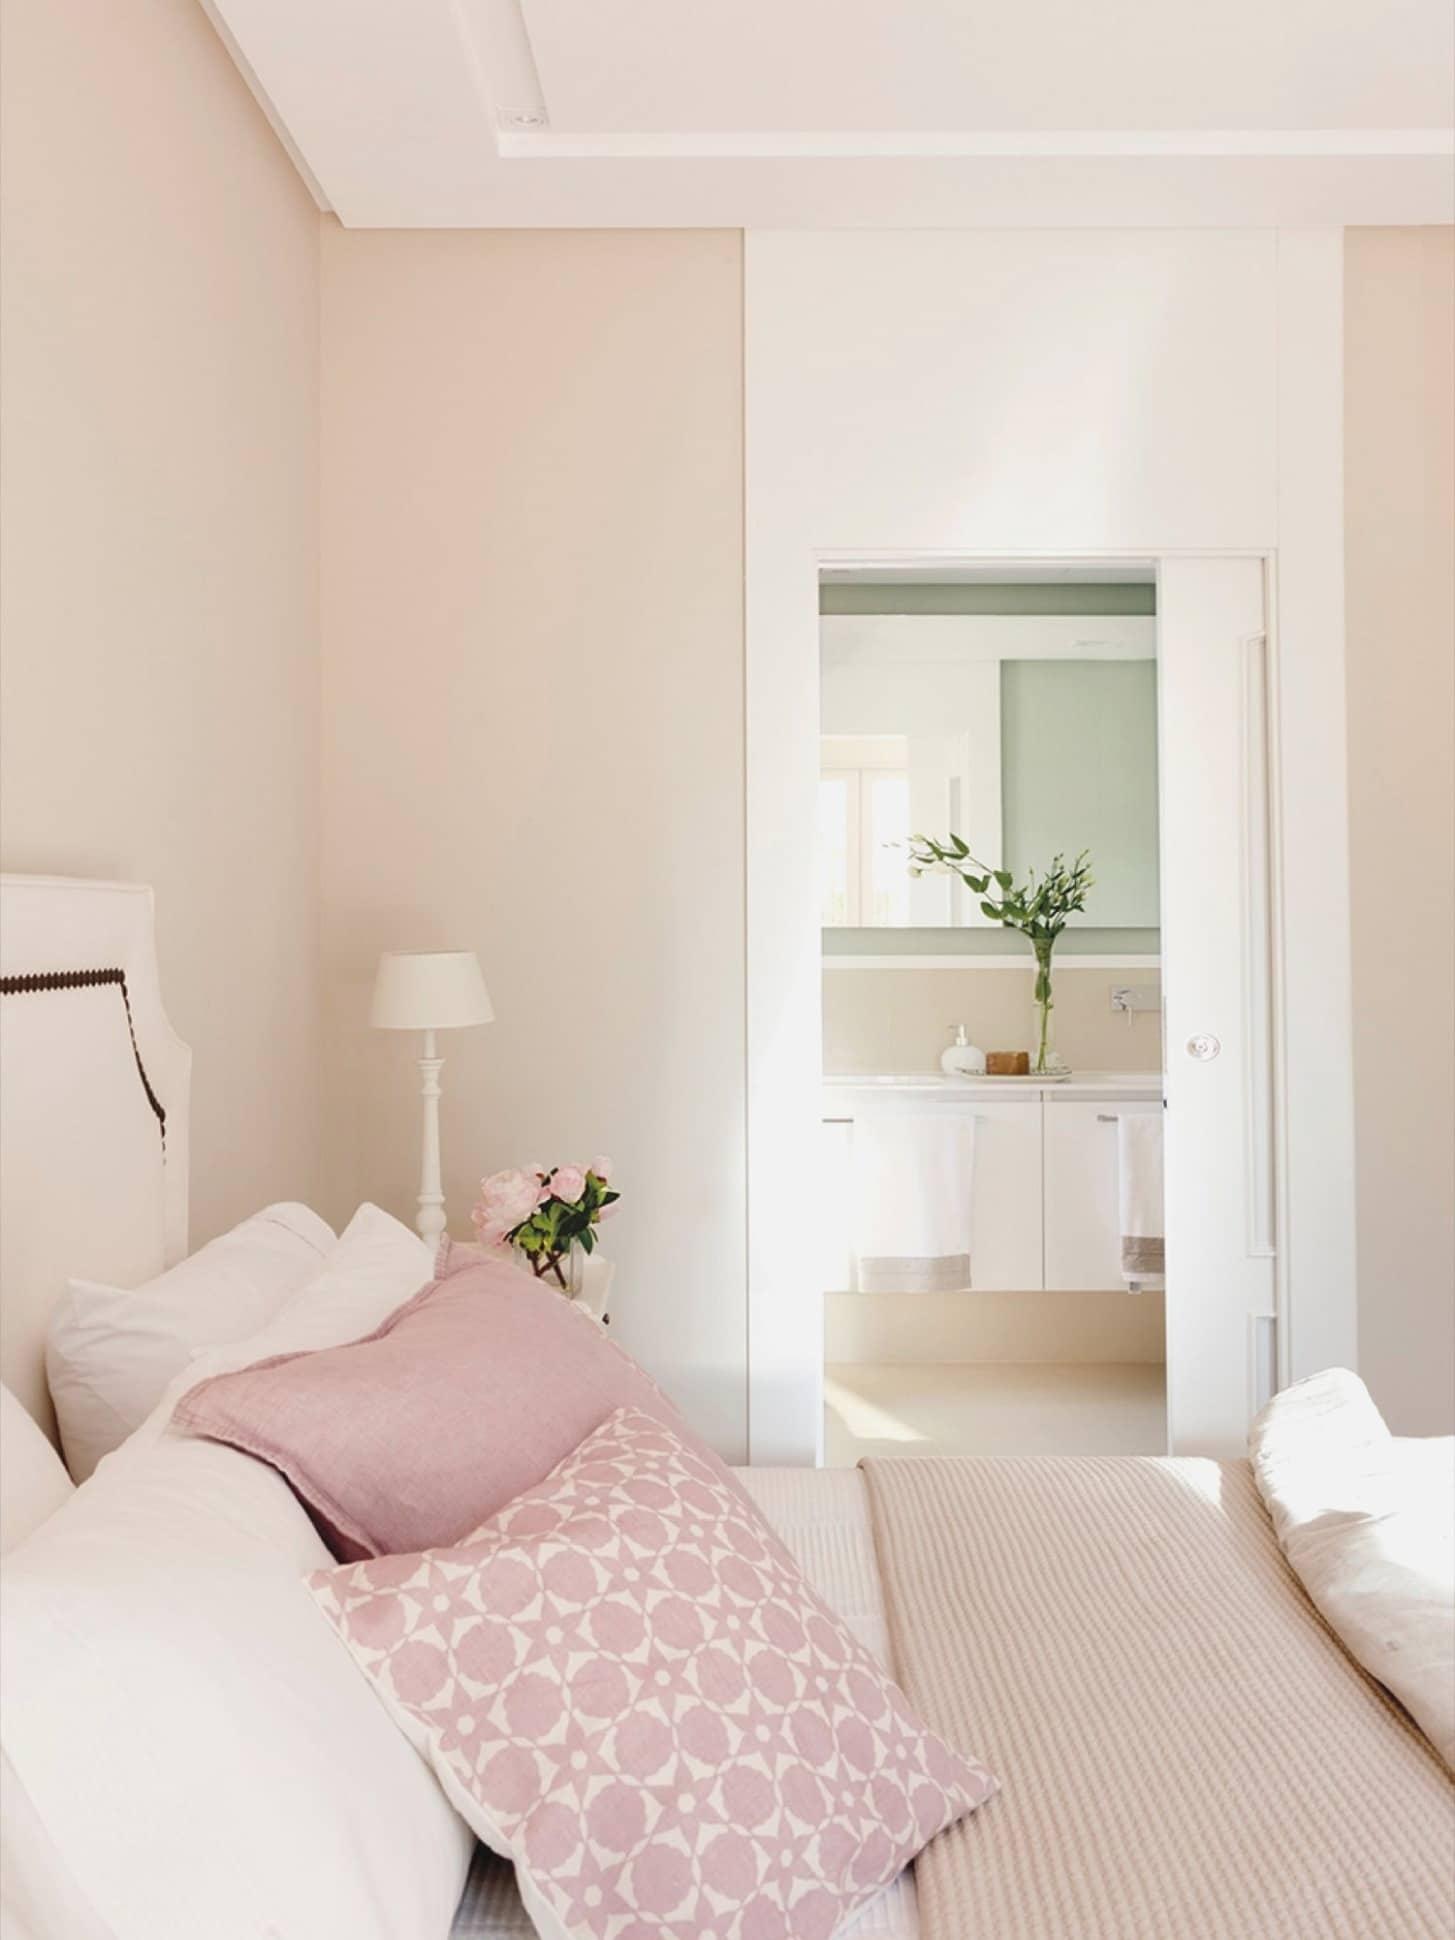 Комната на северной стороне, оформленная в бежевых тонах, будет казаться очень теплой и комфортной